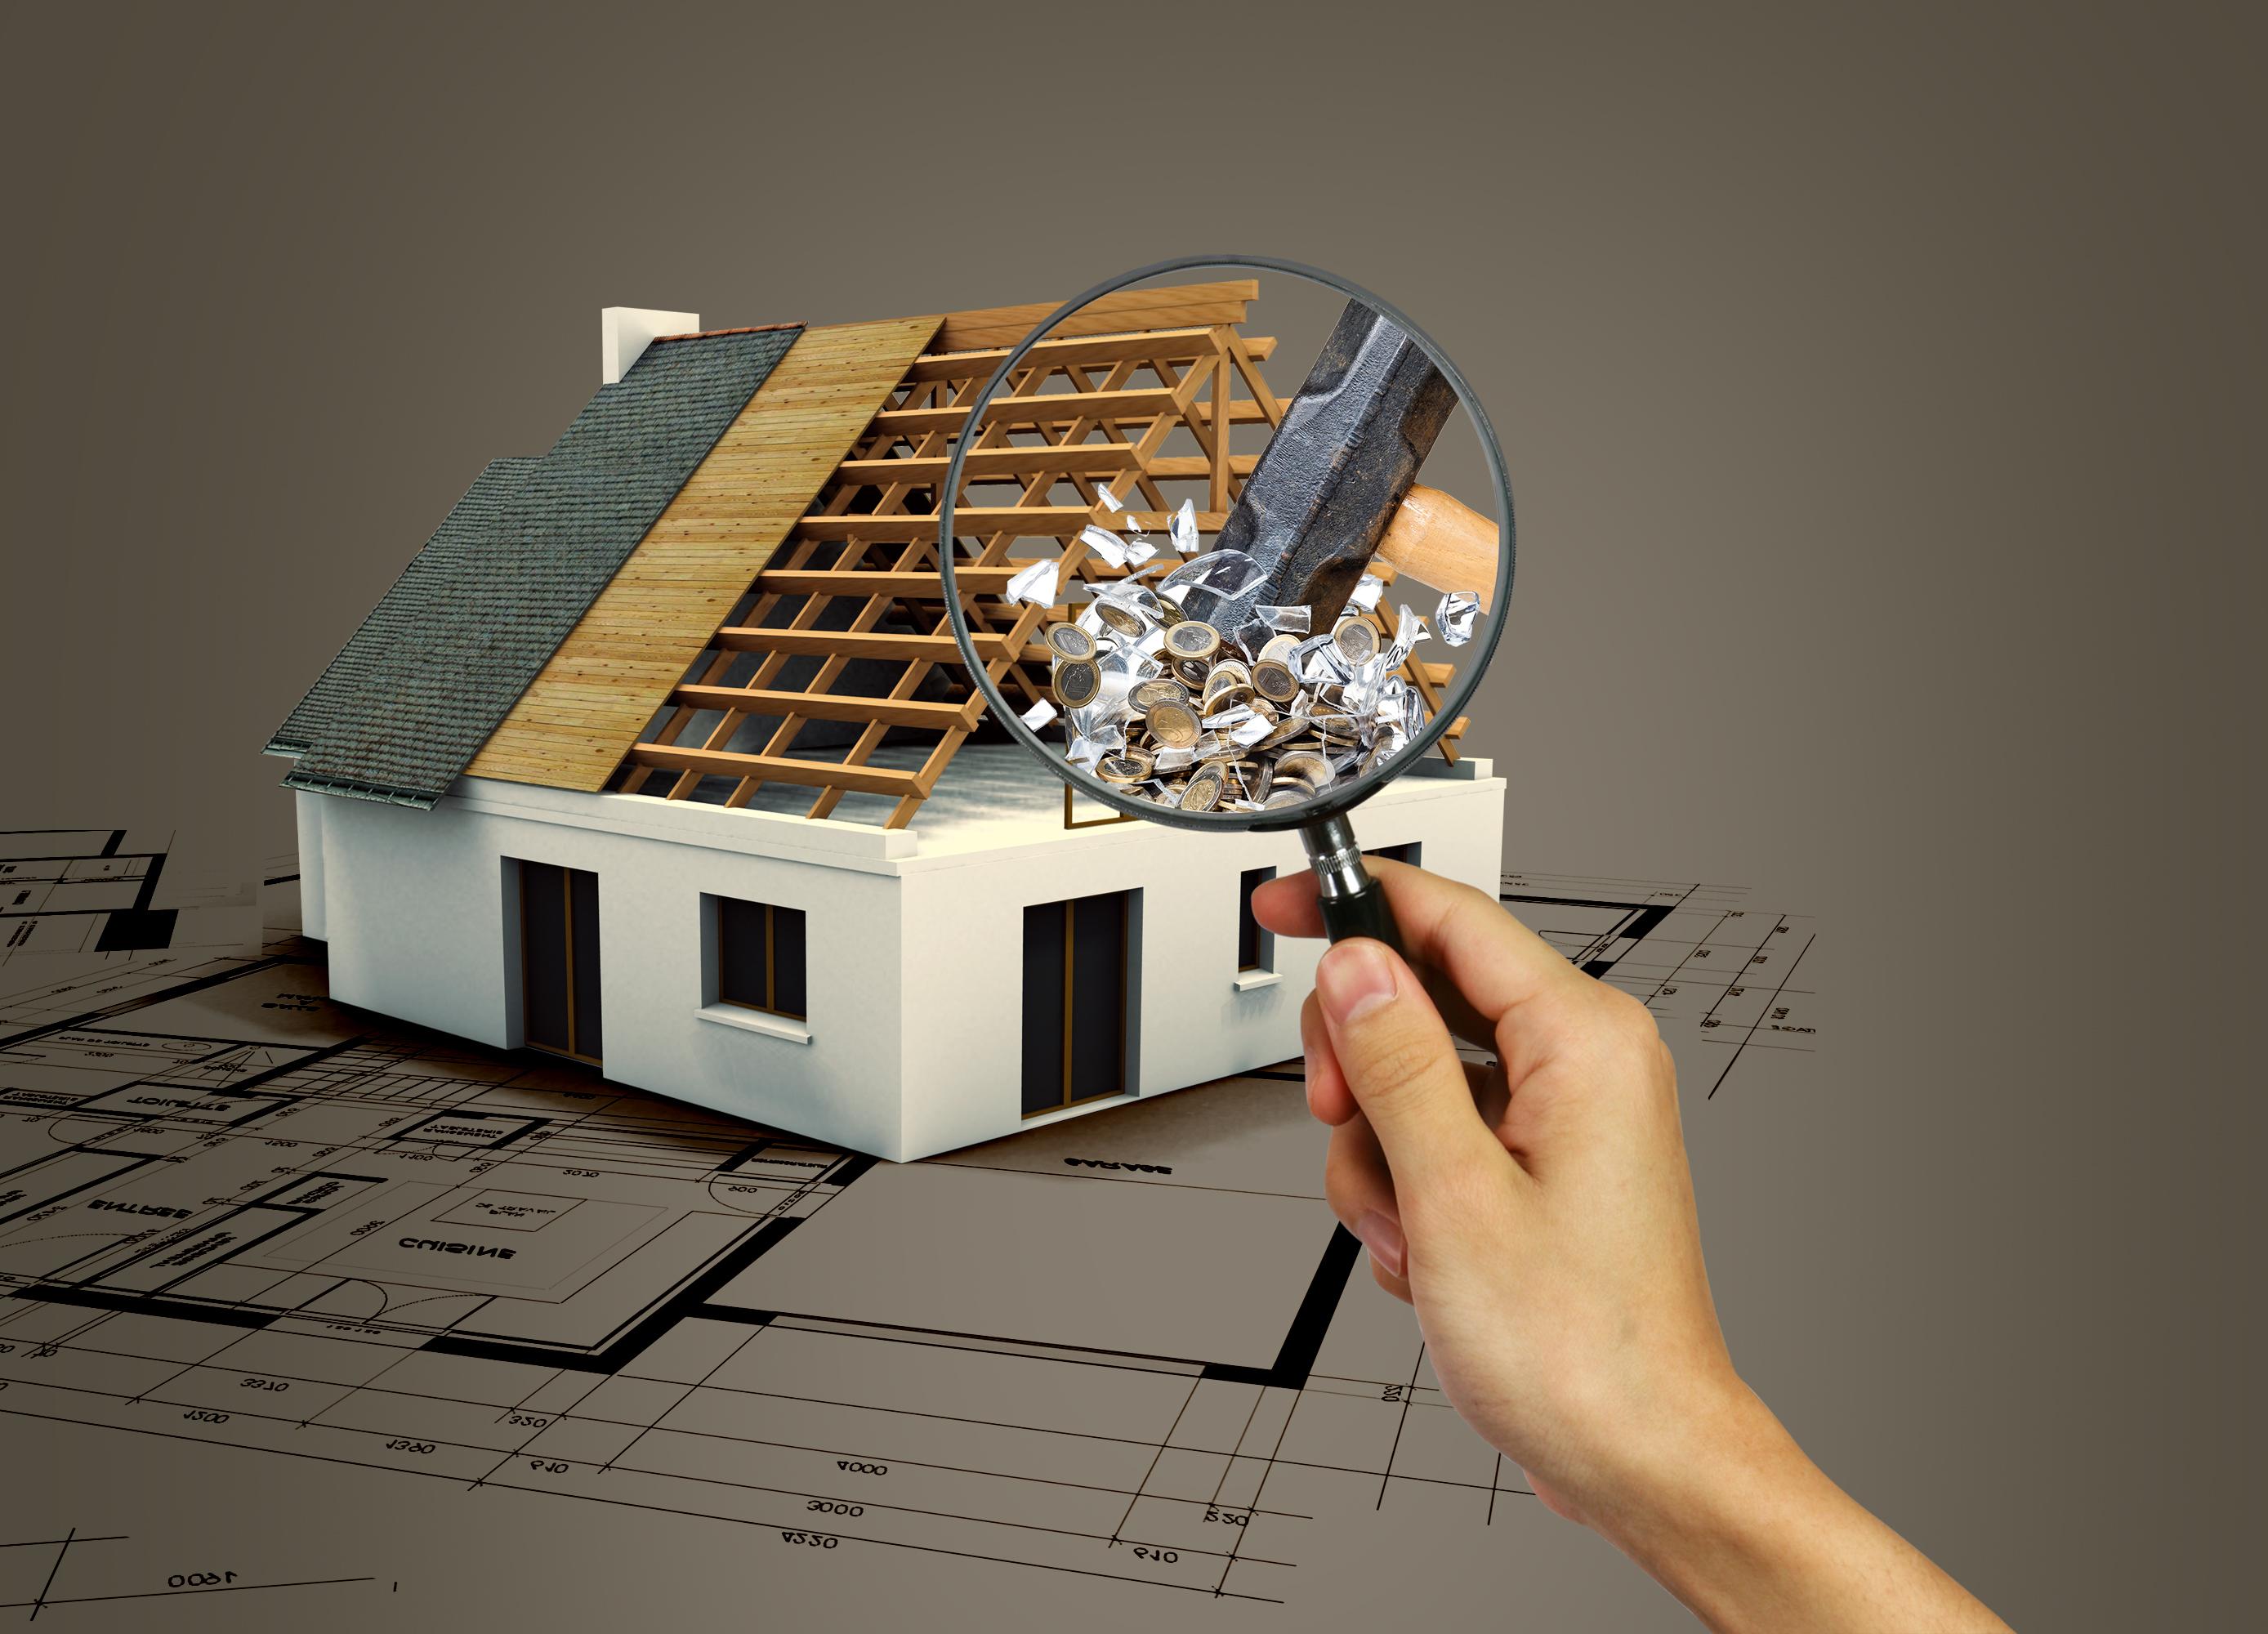 农村私人承包工程合同签字人的责任